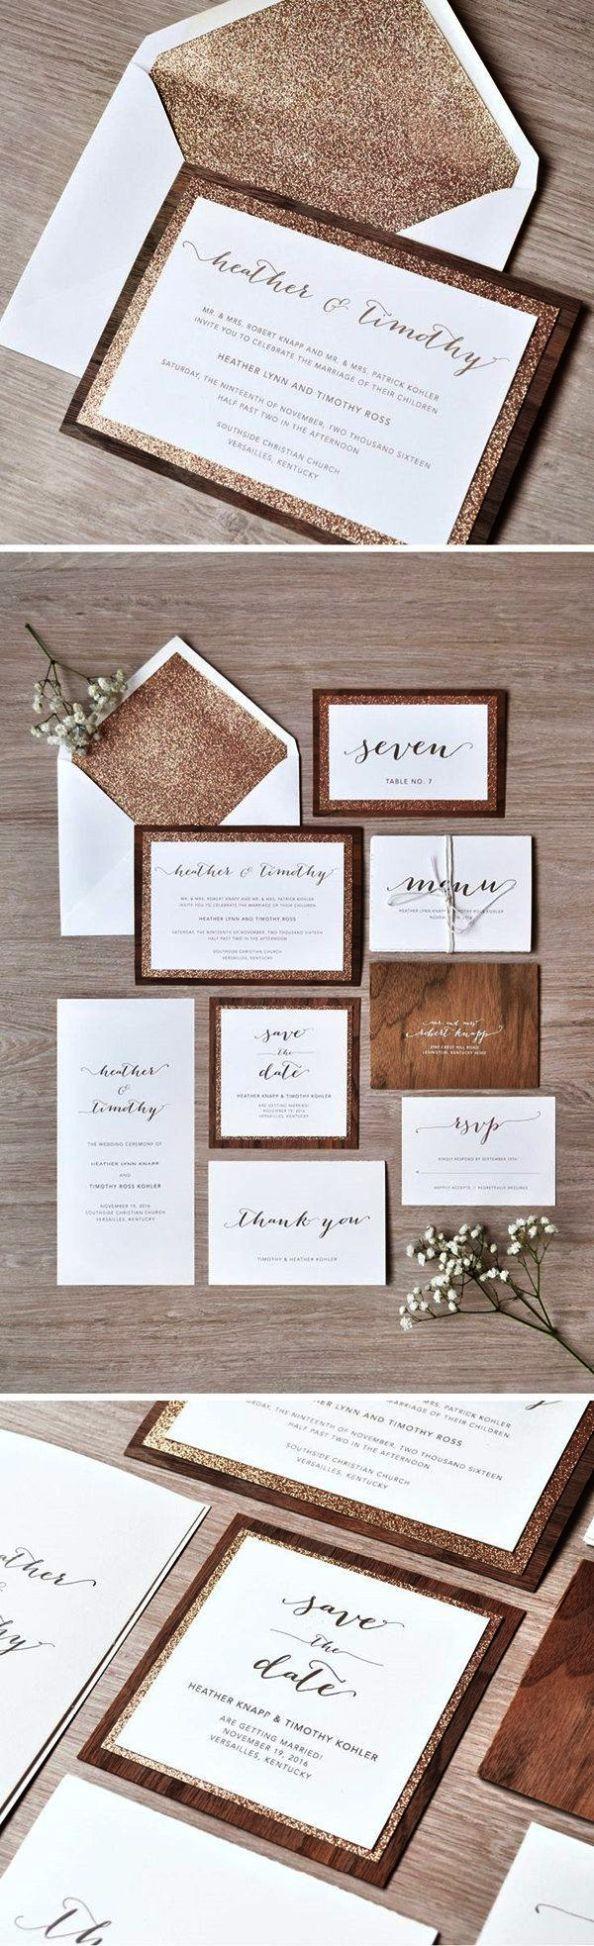 Diy wedding invitations au wedding invitations kits weddings